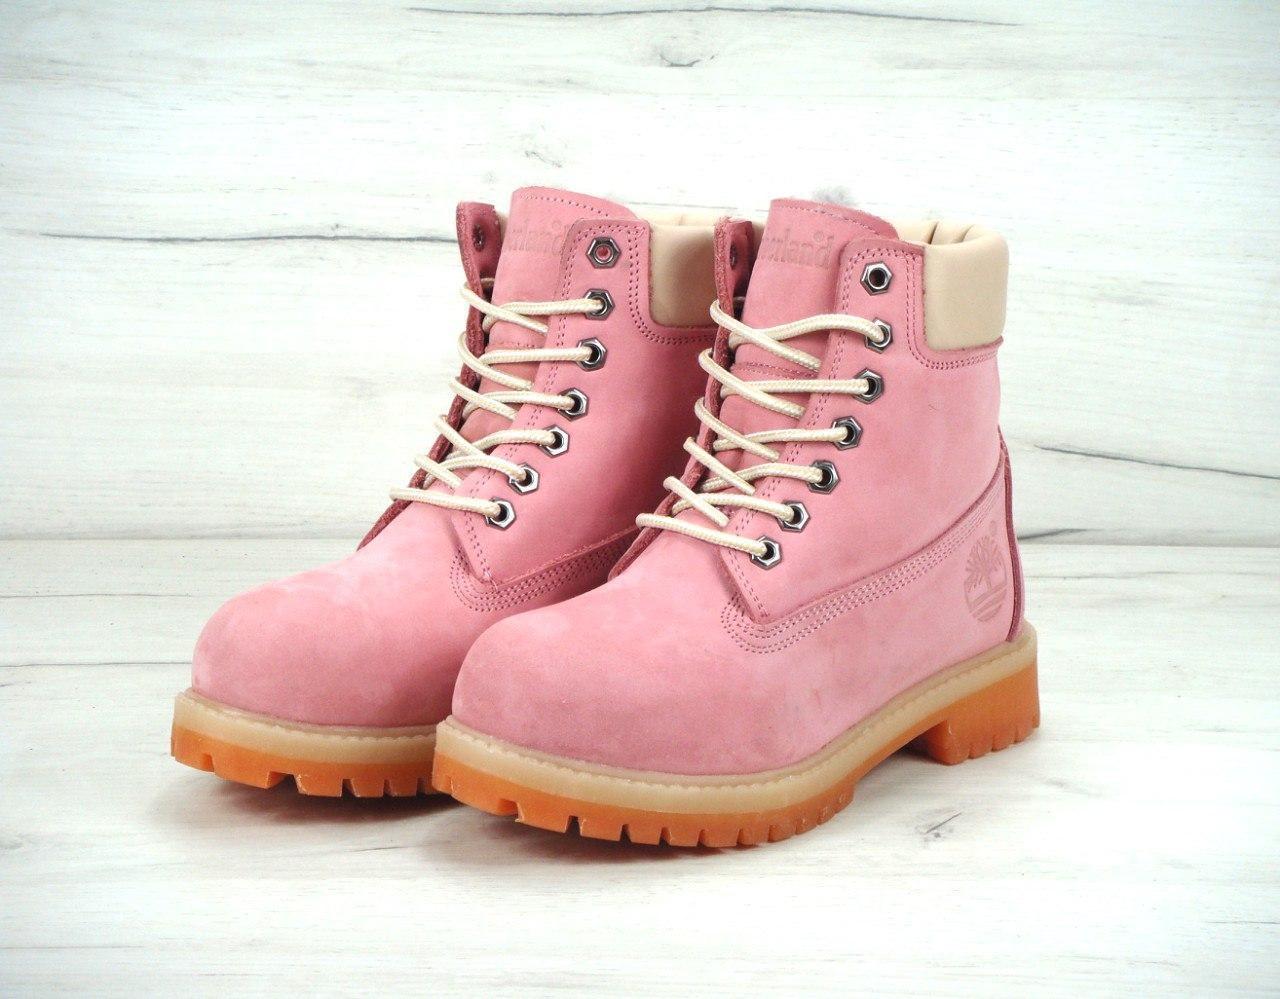 Зимние ботинки женские Timberland реплика ААА+ (нат. нубук и нат. мех) размер 37-40 розовый (живые фото), фото 1